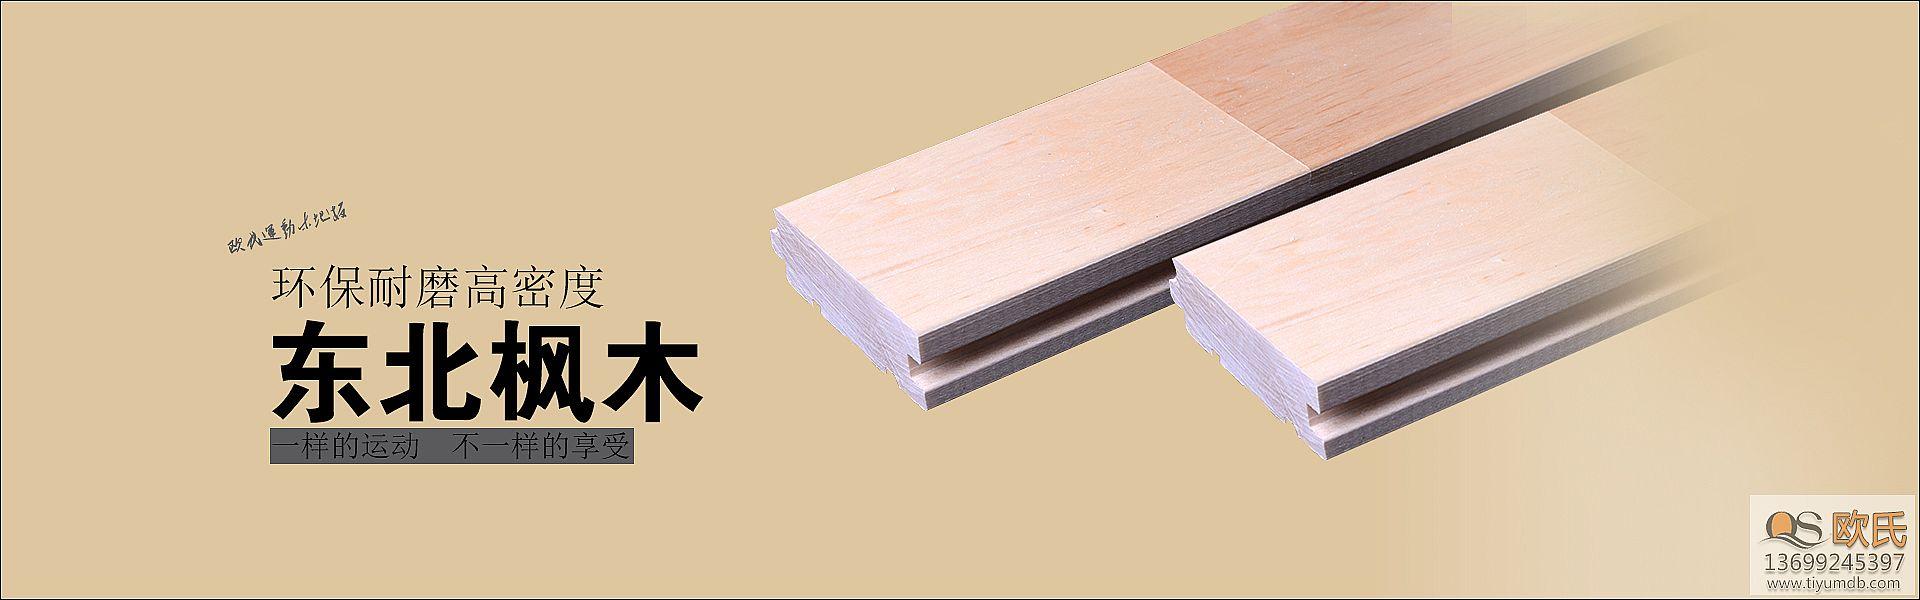 如何才能有效避免实木运动地板的变形?